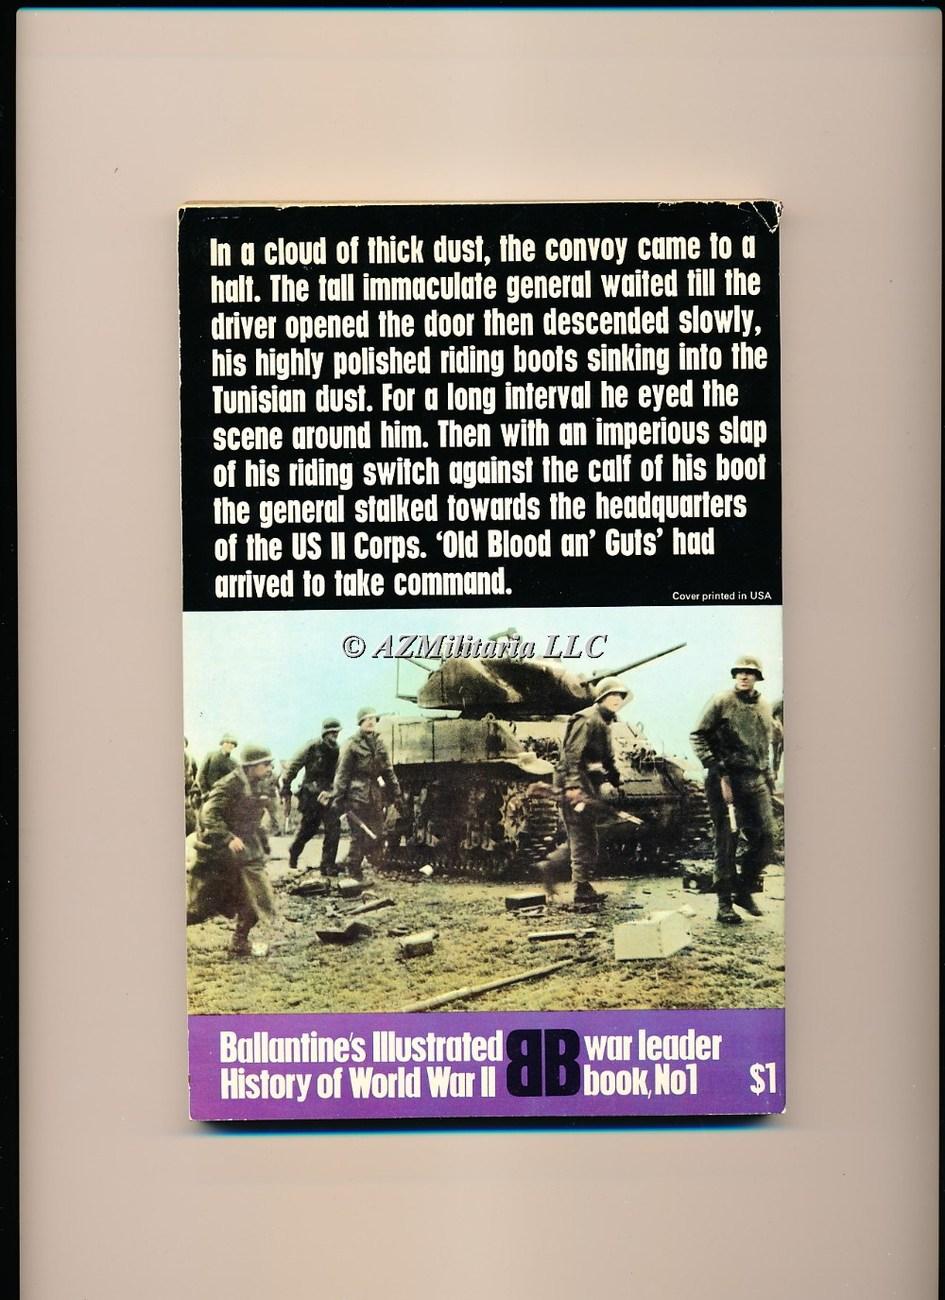 Patton (War Leader Book No 1)